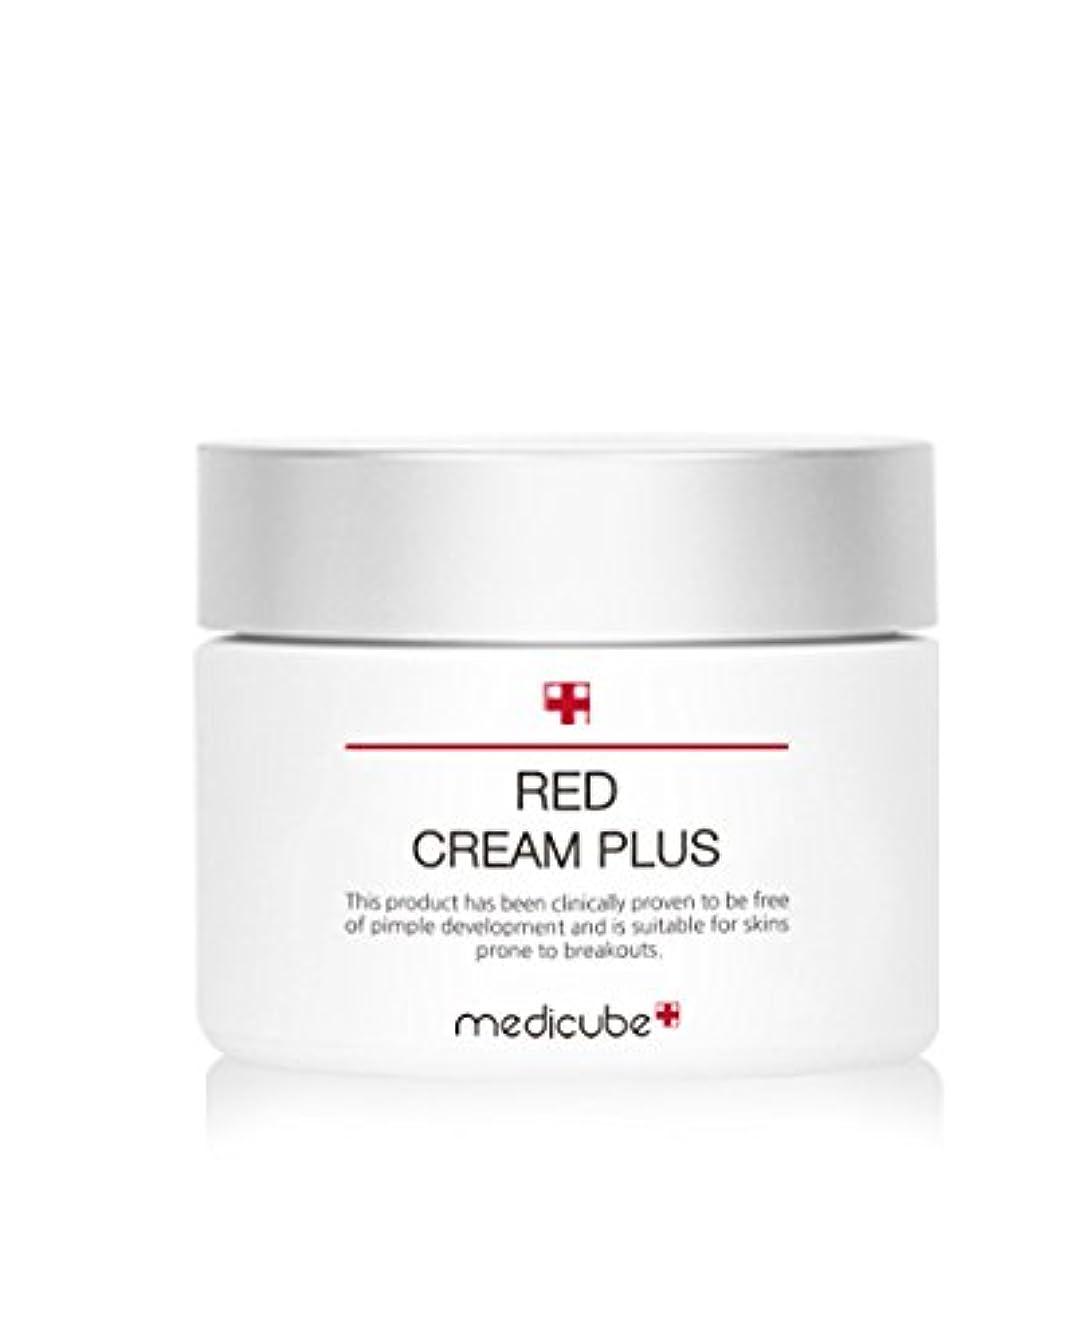 緊急関与する同情[Medicube]メディキューブ レッド クリーム プラス 大容量 100ml / Medicube Red Cream Plus 100ml [並行輸入品]